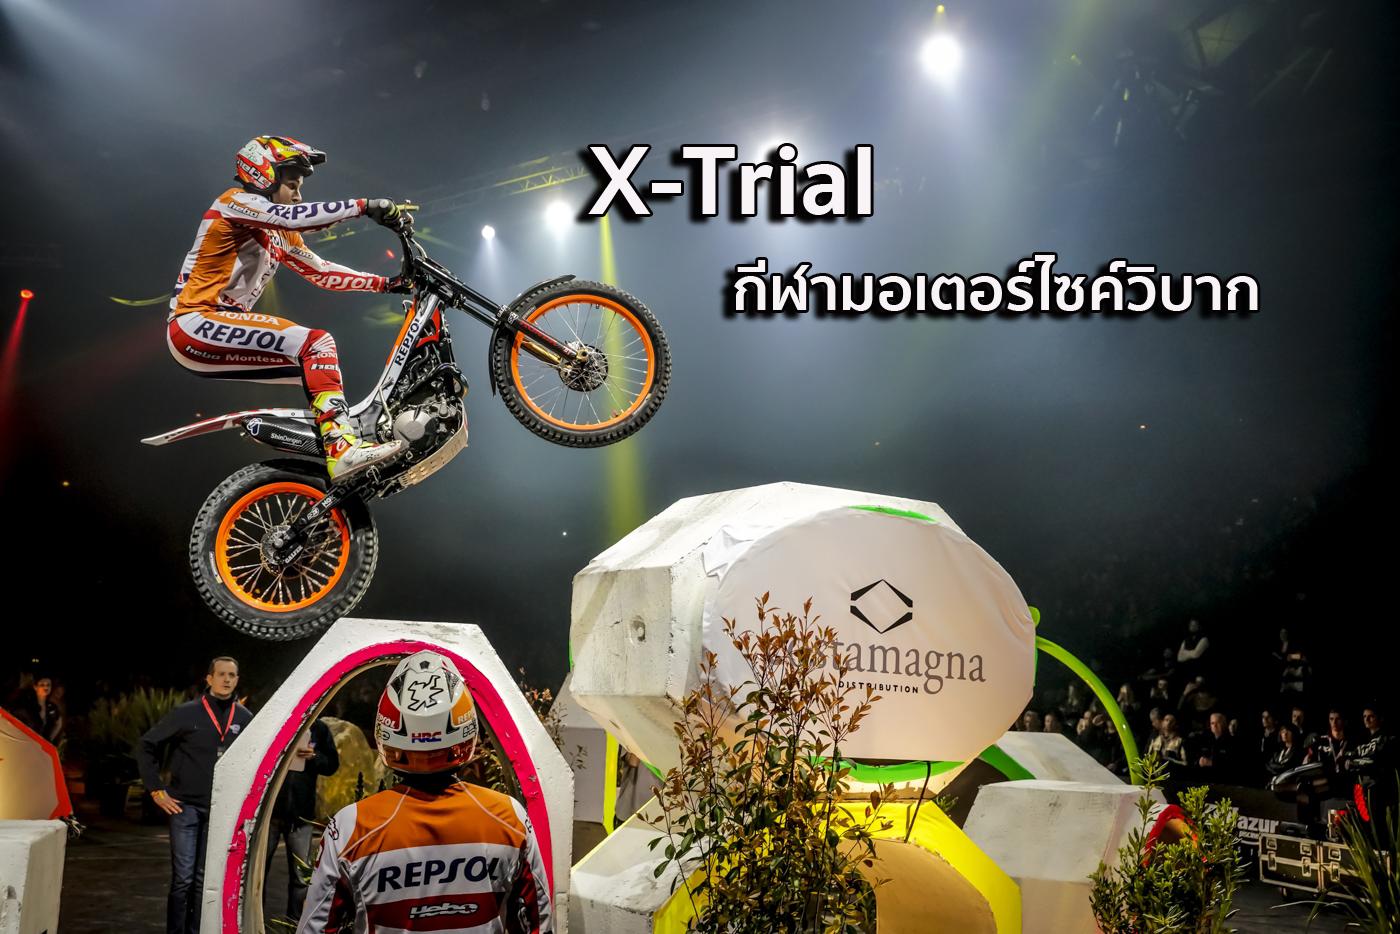 X-Trial กีฬามอเตอร์ไซค์วิบาก